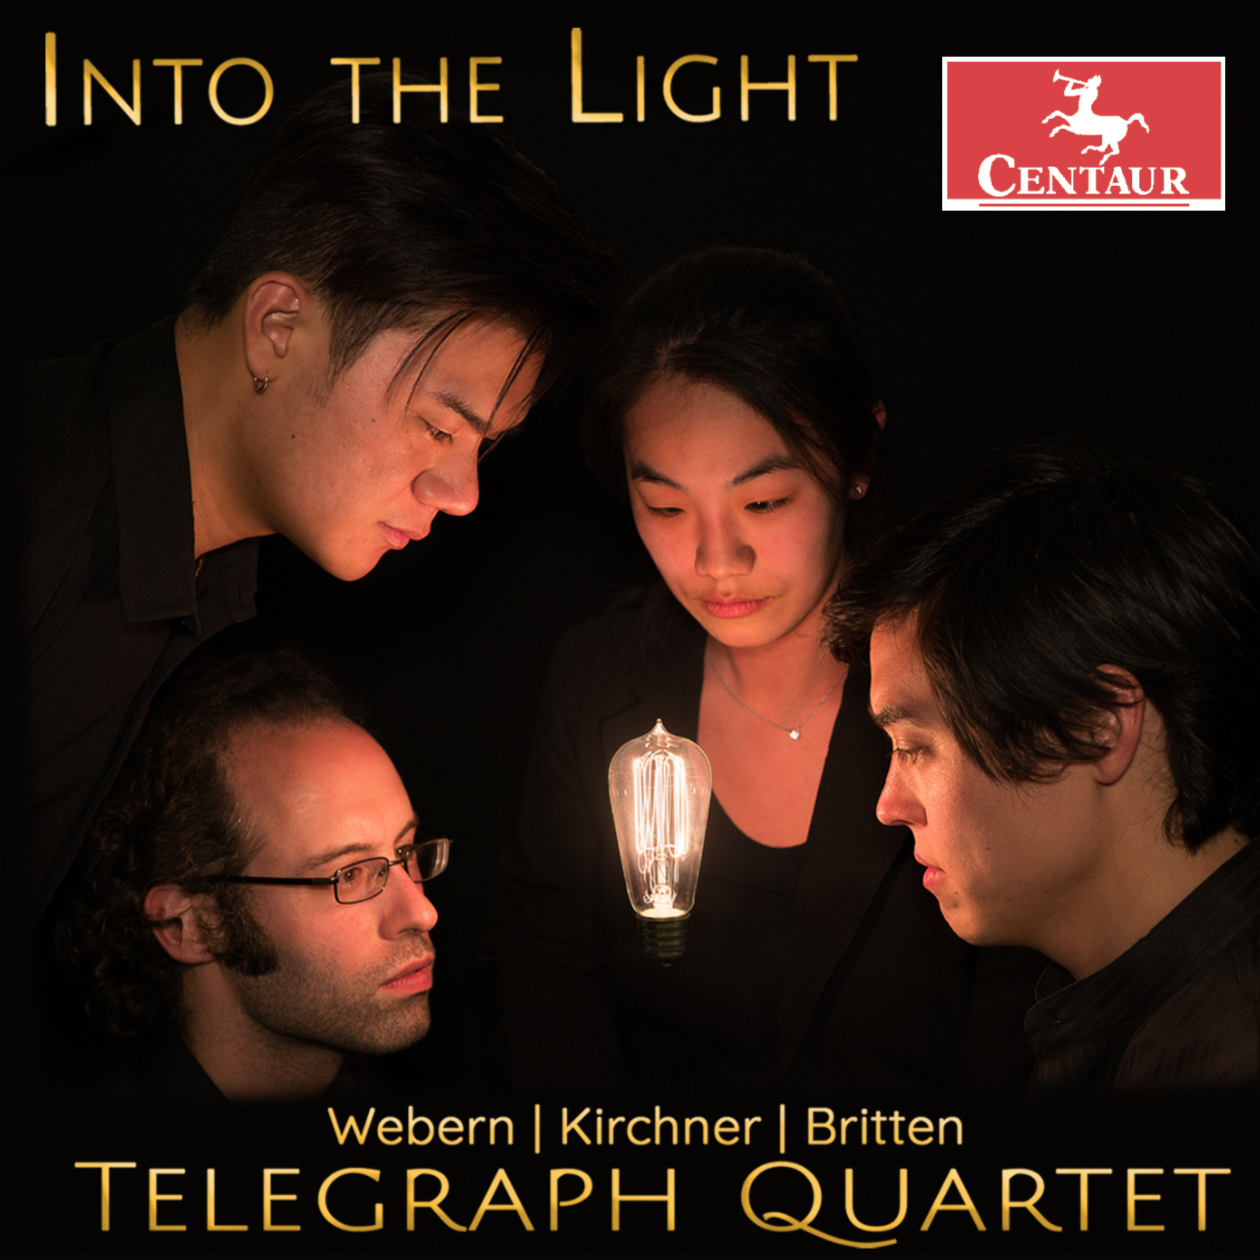 TelegraphQuartet_IntoTheLight_AlbumCover